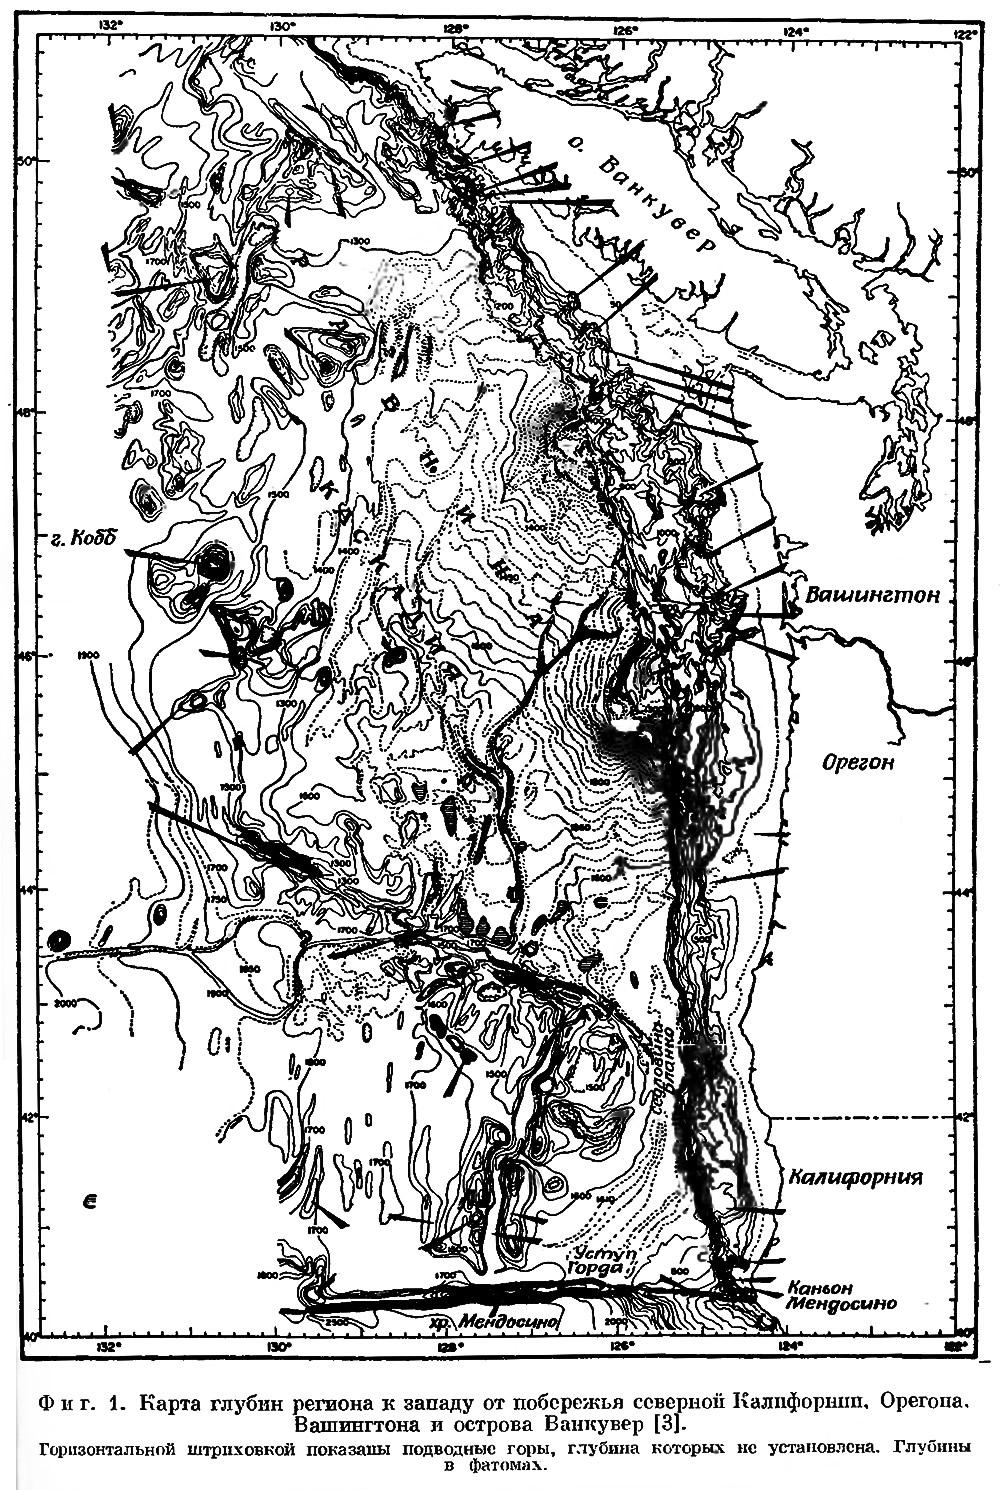 Фиг. 1. Карта глубин региона к западу от побережья северной Калифорнии